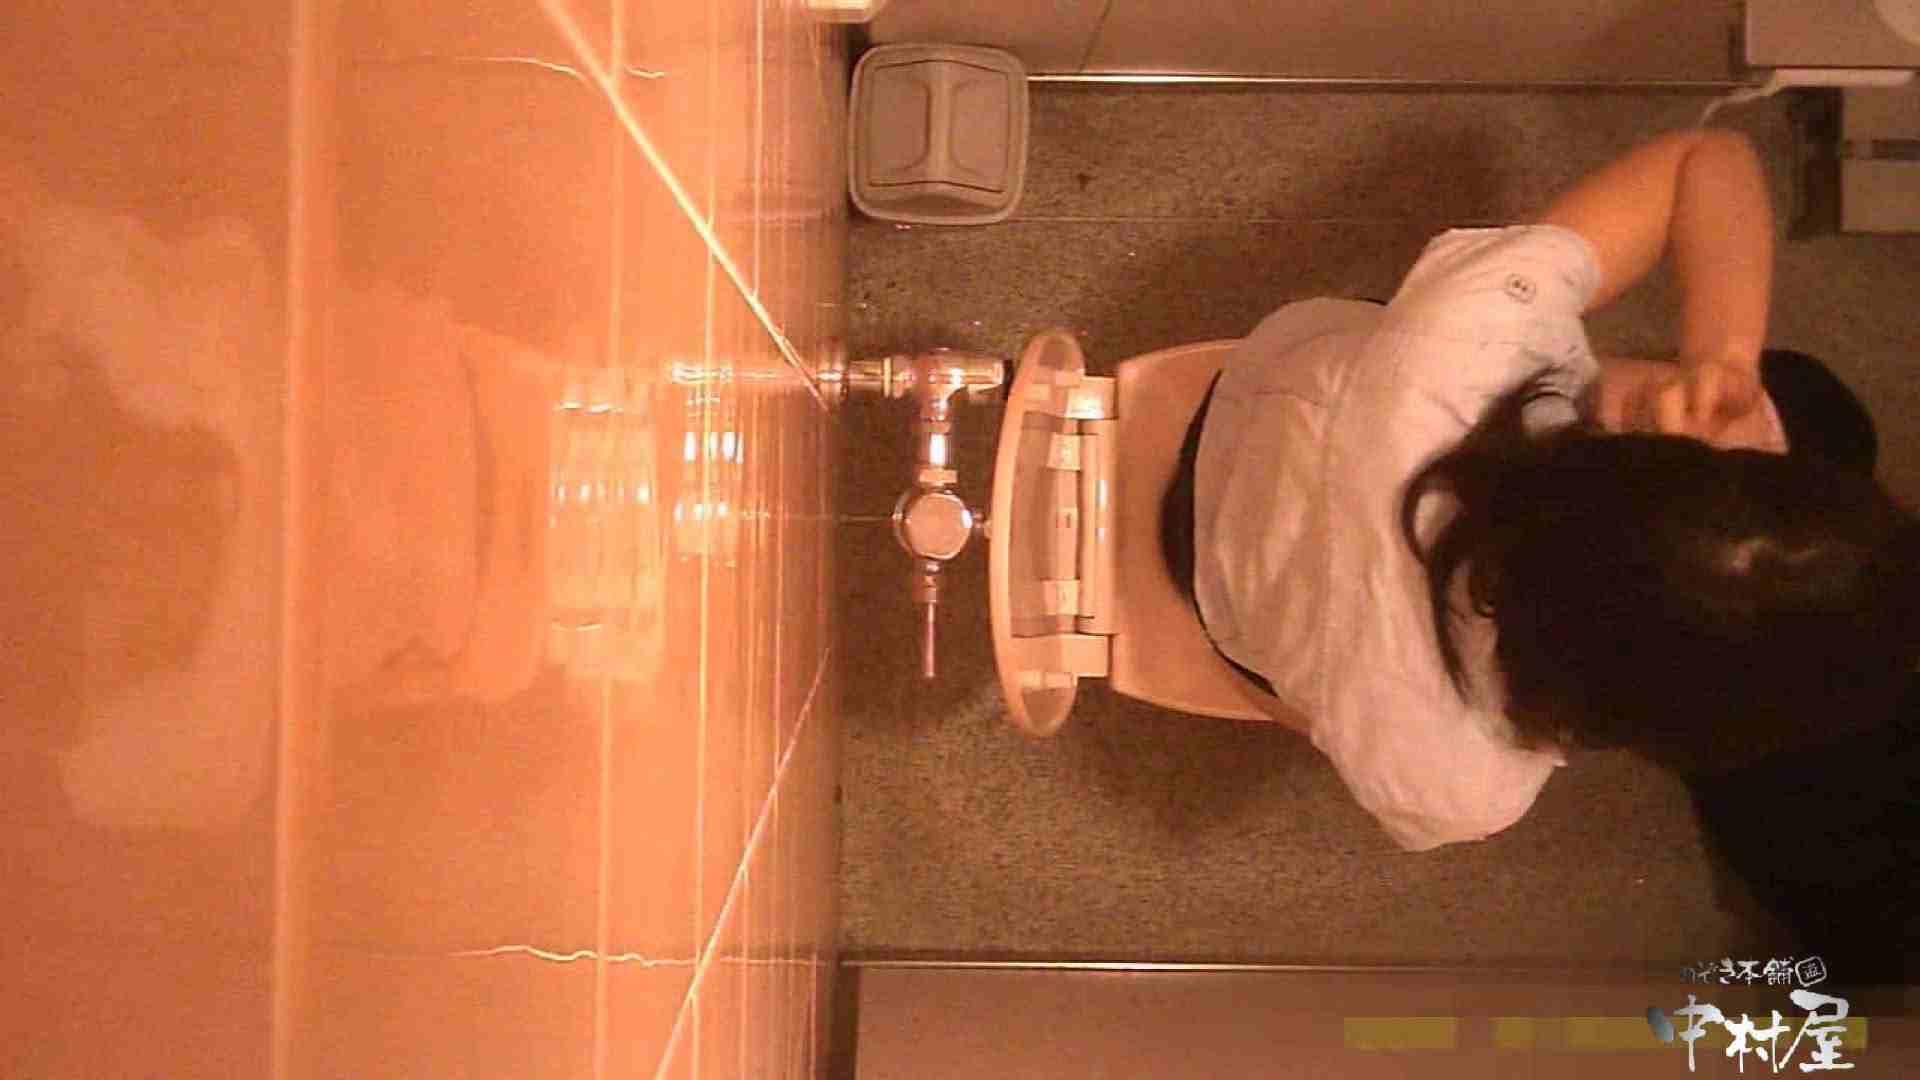 初盗撮!女盗撮師カレンさんの 潜入!女子トイレ盗撮!Vol.3 女子トイレ編 盗み撮り動画 84PIX 9